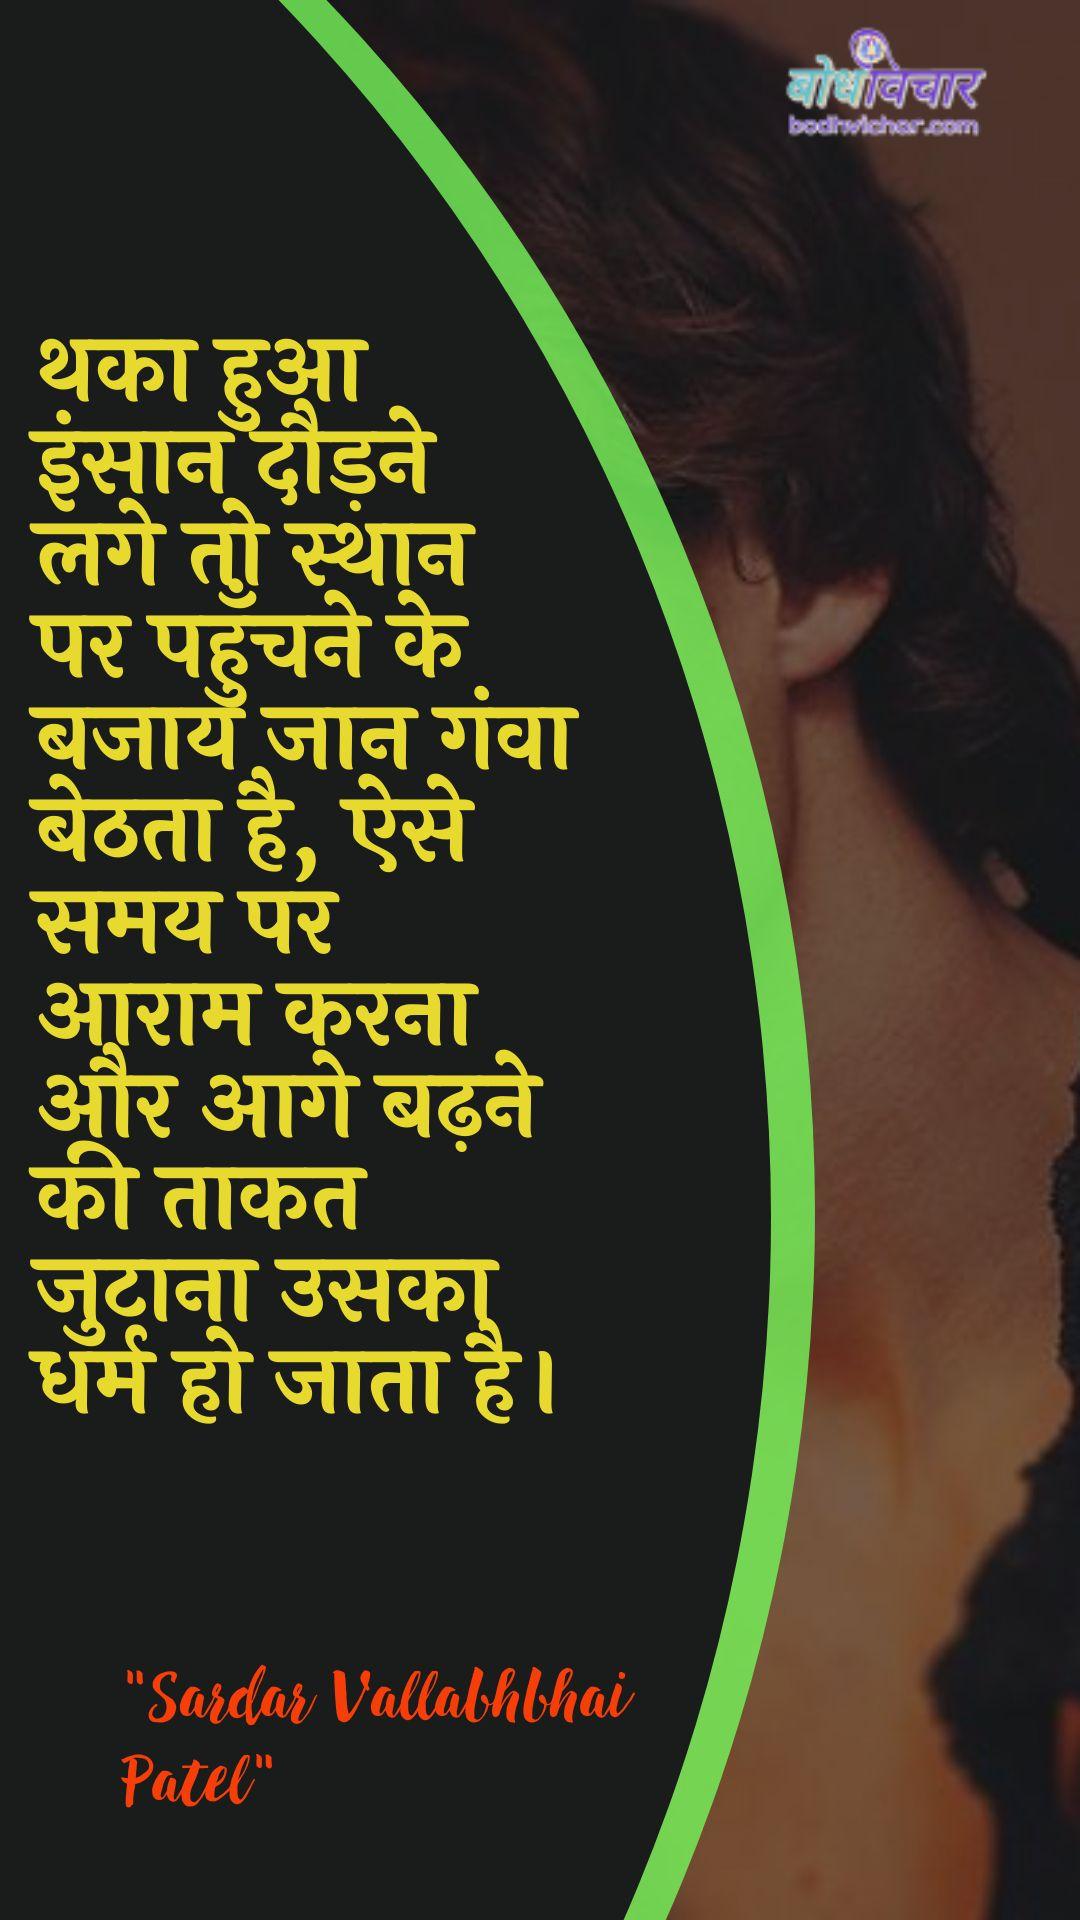 थका हुआ इंसान दौड़ने लगे तो स्थान पर पहुँचने के बजाय जान गंवा बेठता है, ऐसे समय पर आराम करना और आगे बढ़ने की ताकत जुटाना उसका धर्म हो जाता है। : Thaka hua insaan daudane lage to sthaan par pahunchane ke bajaay jaan ganva bethata hai, aise samay par aaraam karana aur aage badhane kee taakat jutaana usaka dharm ho jaata hai. - सरदार वल्लभ भाई पटेल